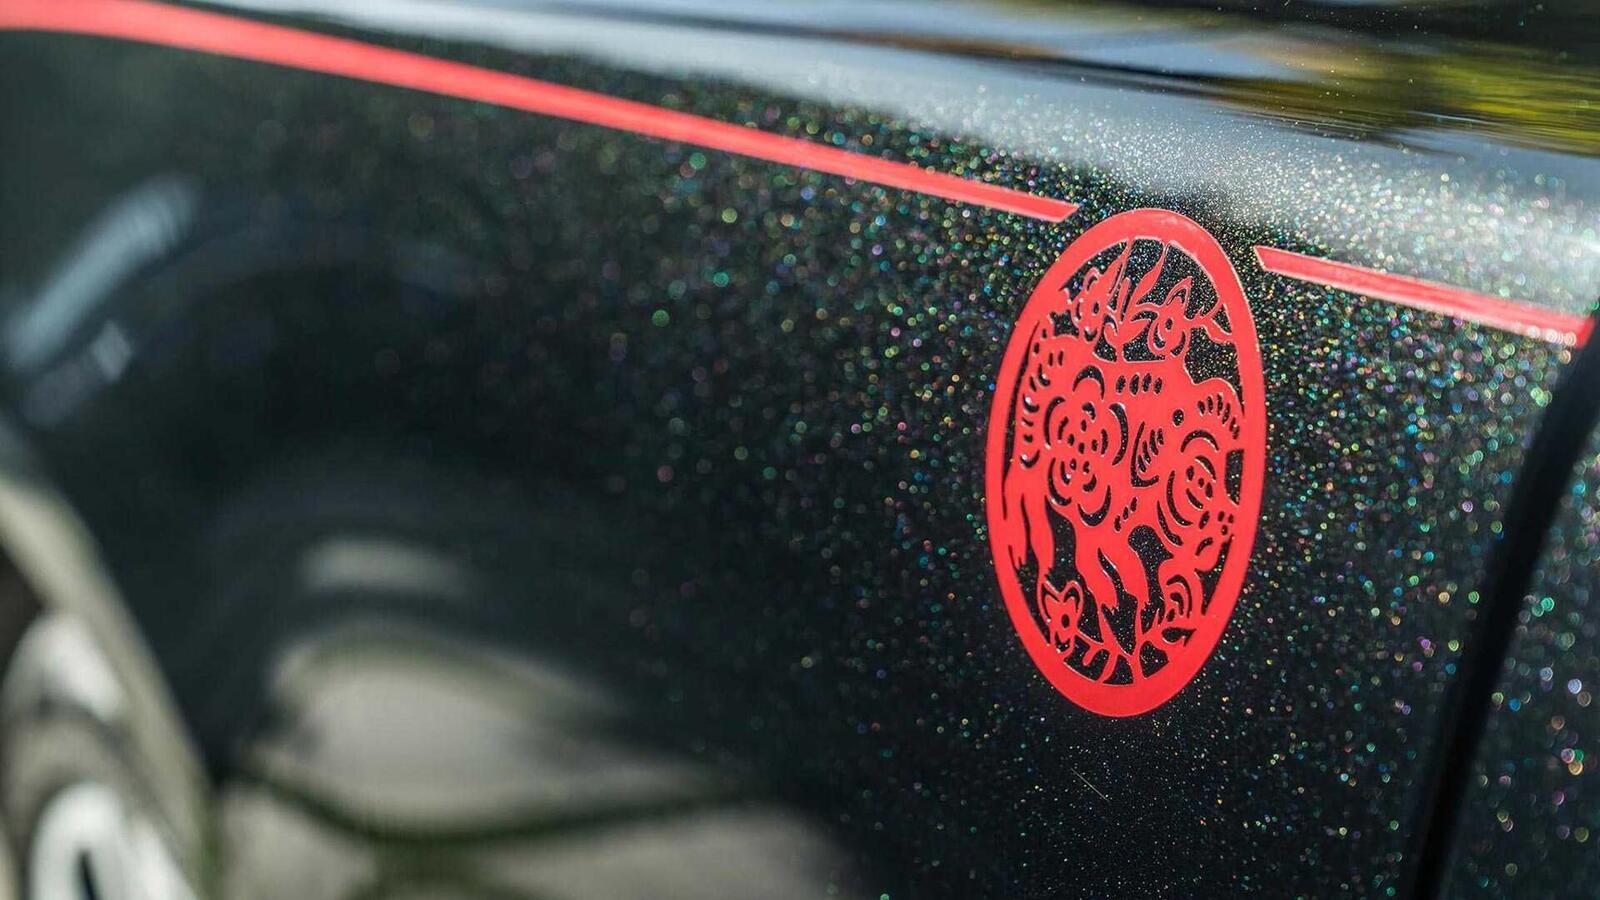 Mừng năm Kỷ Hợi, Rolls-Royce giới thiệu Ghost, Wraith và Dawn phiên bản đặc biệt ''Year of the Pig'' - Hình 2